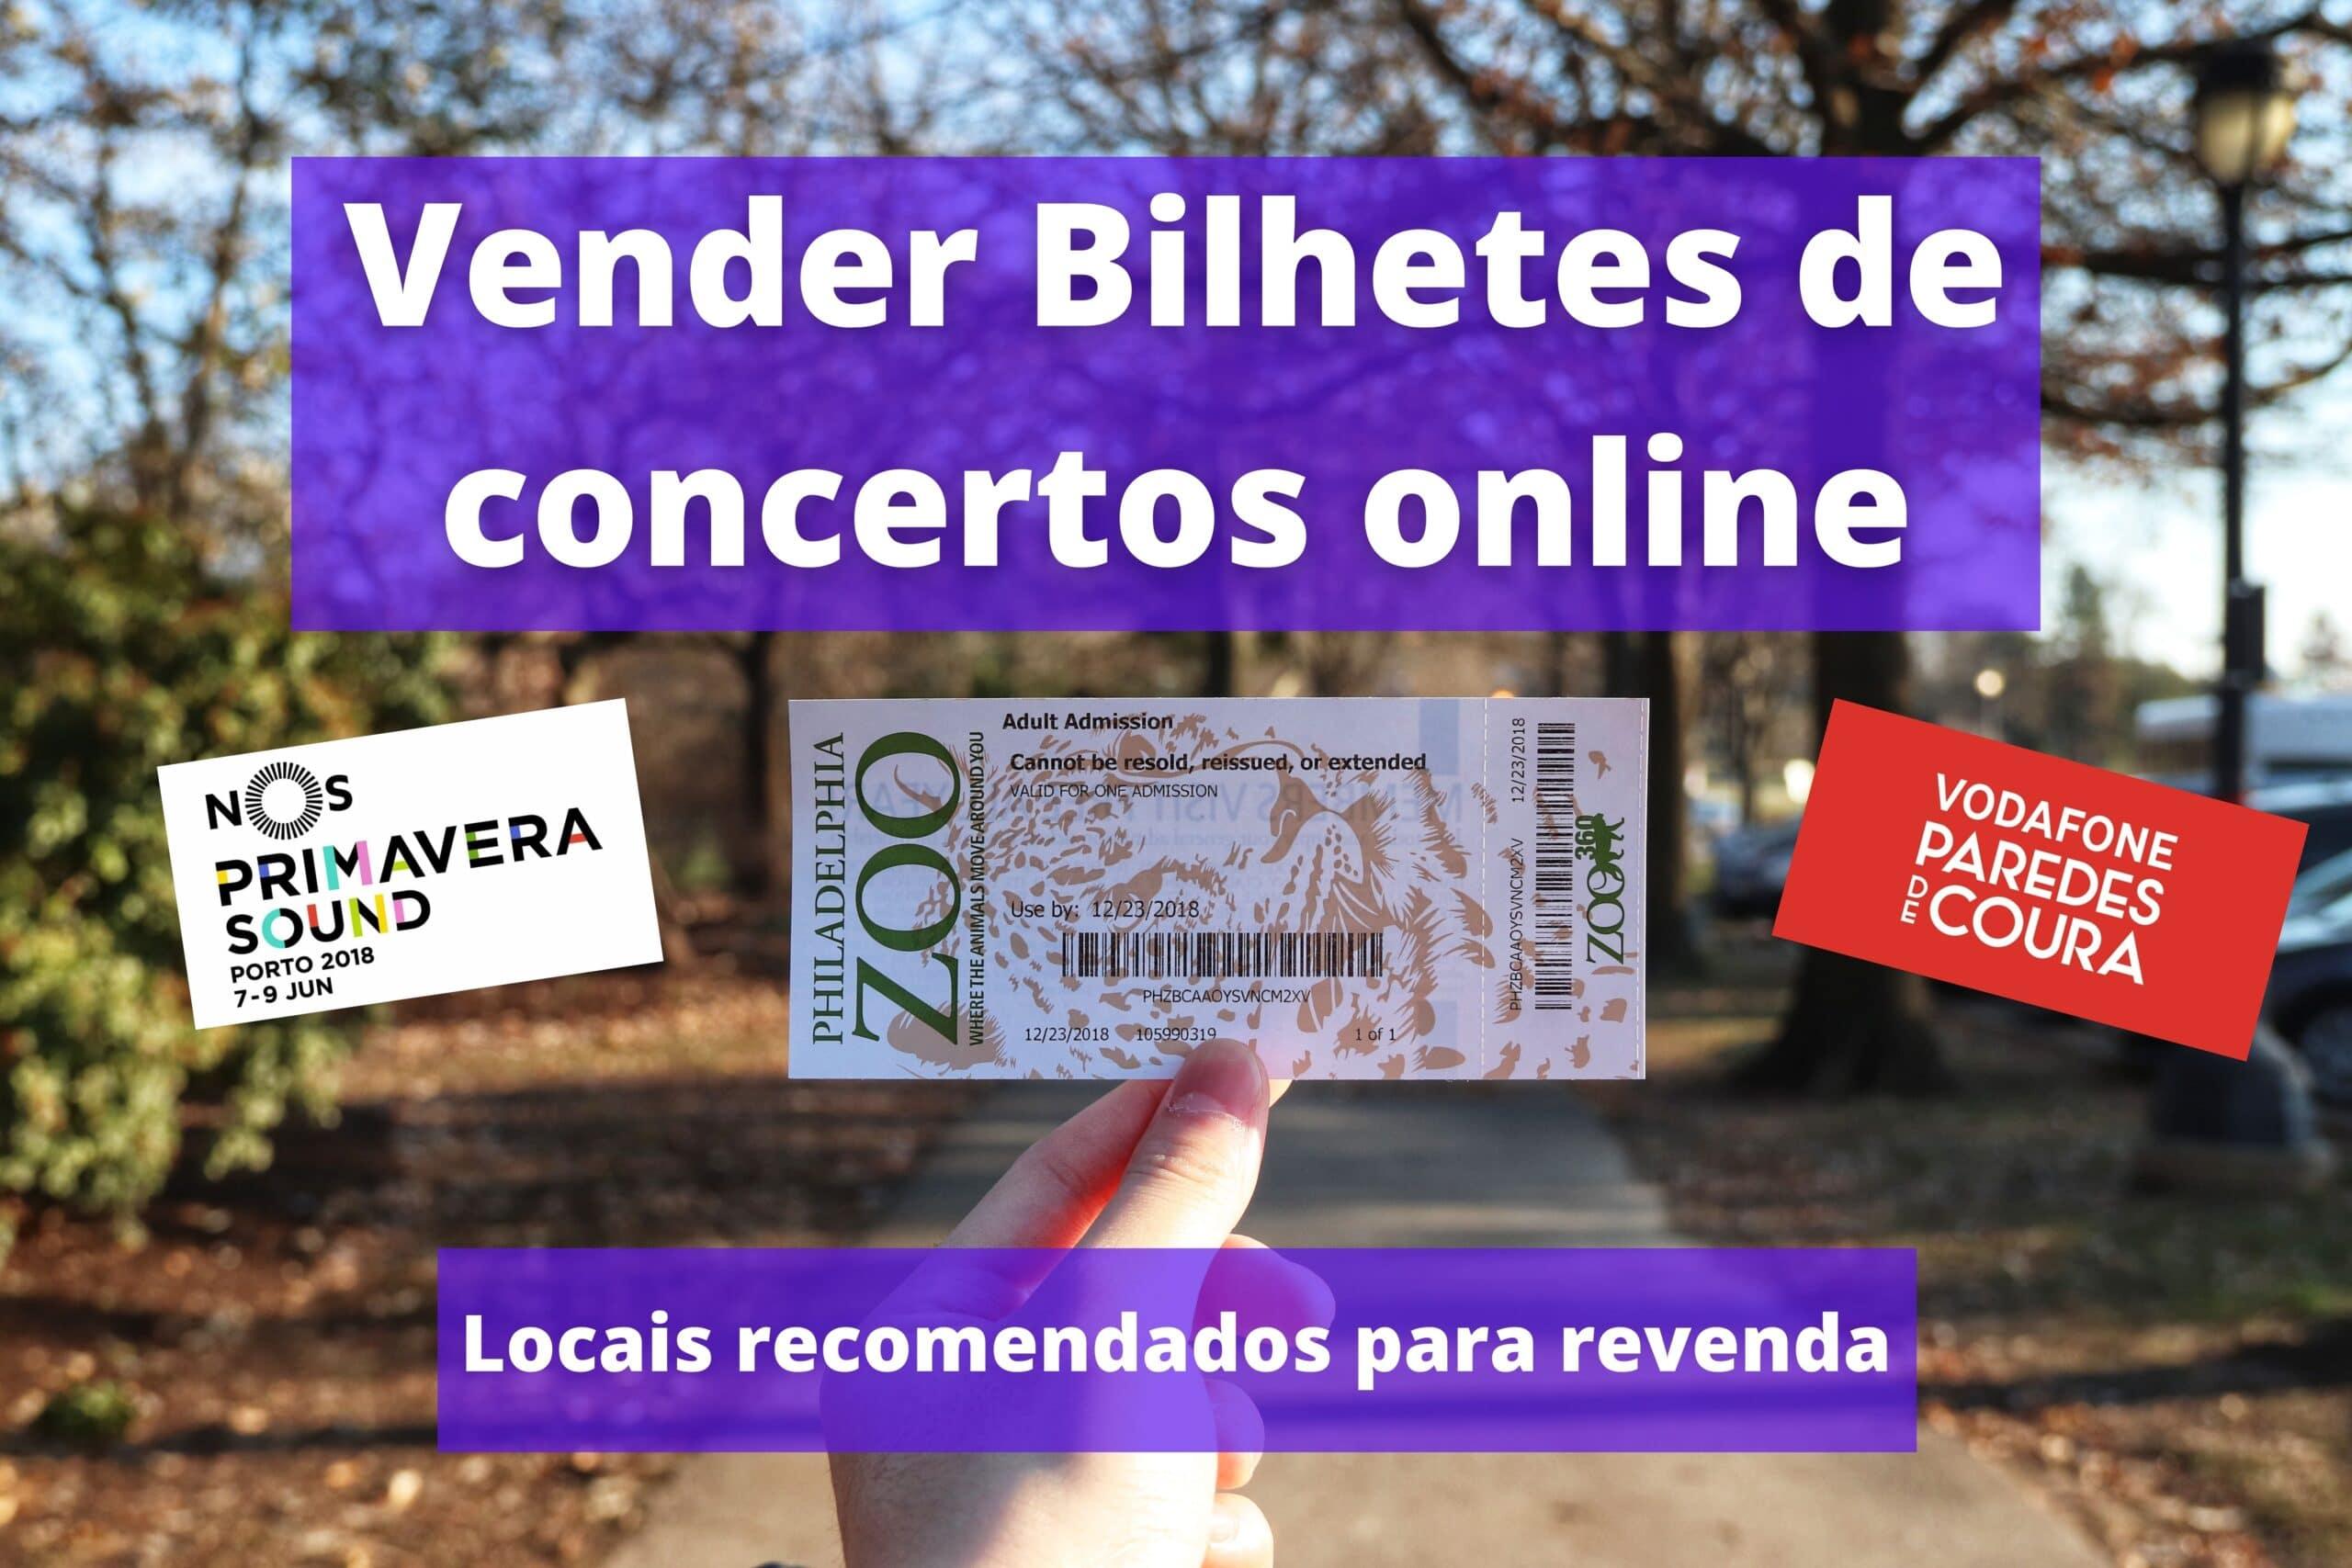 Como Vender Bilhetes de Concerto Online?